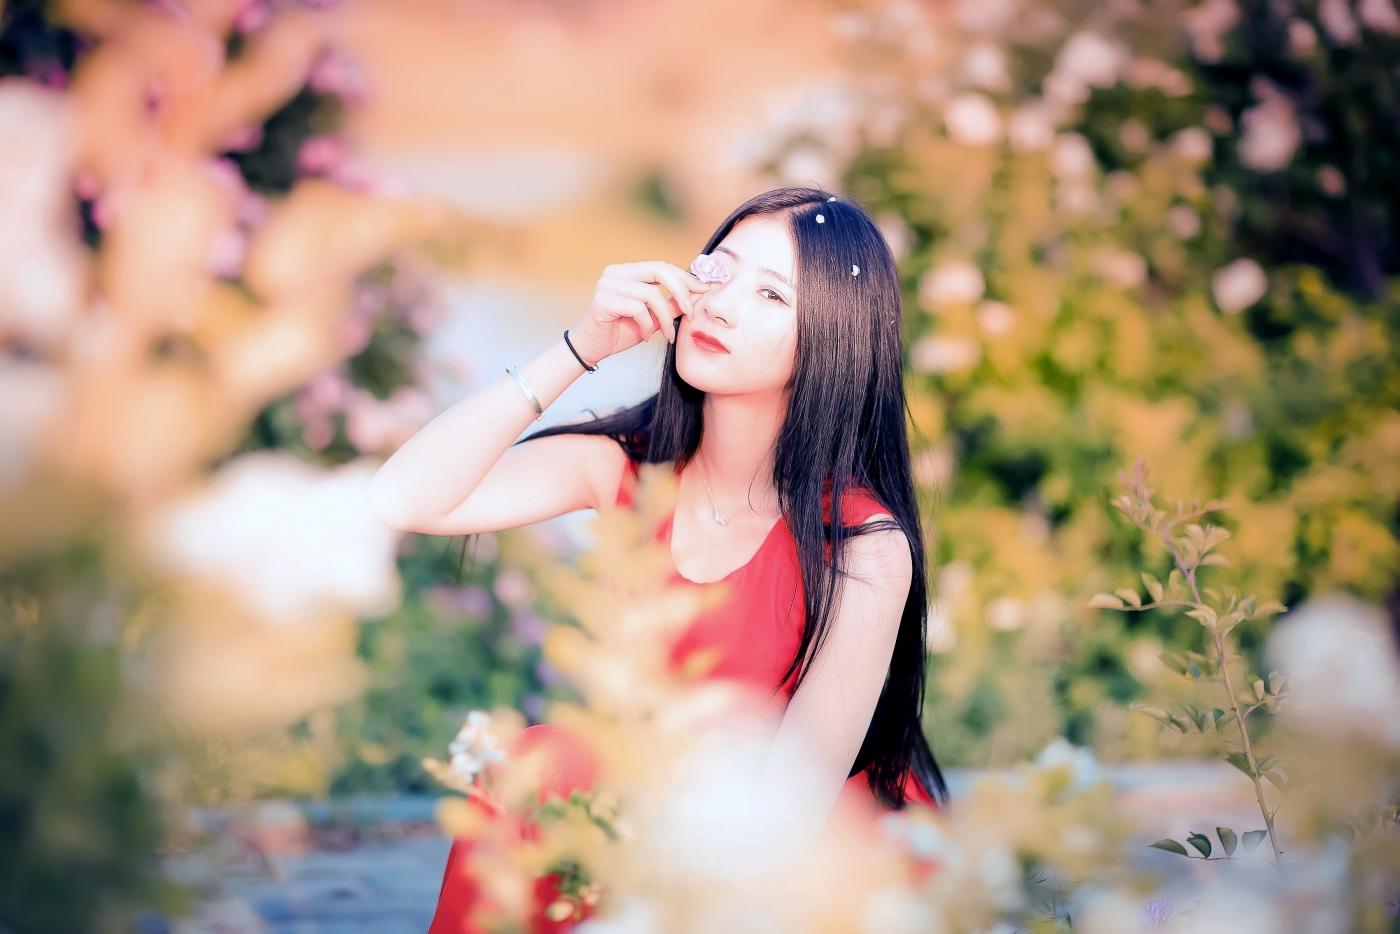 临沂大学有这么一道美丽的蔷薇长廊 当蔷薇MM王璐在她面前走过 ..._图1-8